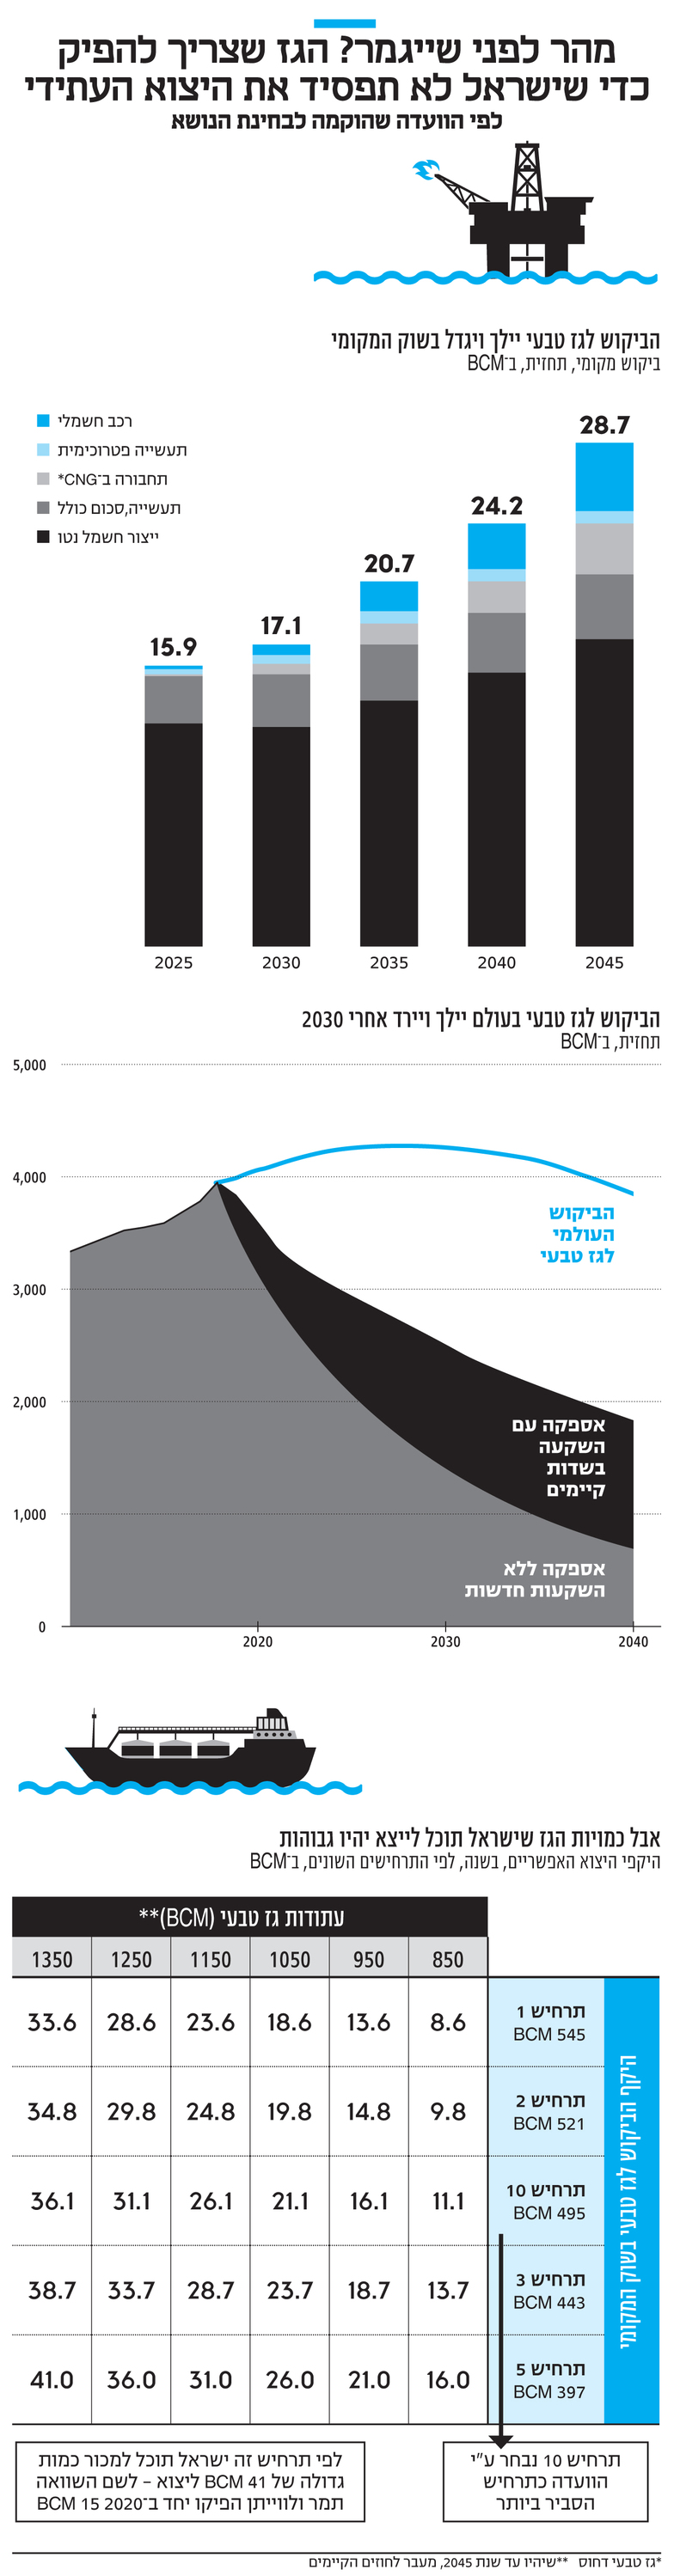 אינפו מהר לפני שייגמר? הגז שצריך להפיק כדי שישראל לא תפסיד את היצוא העתידי